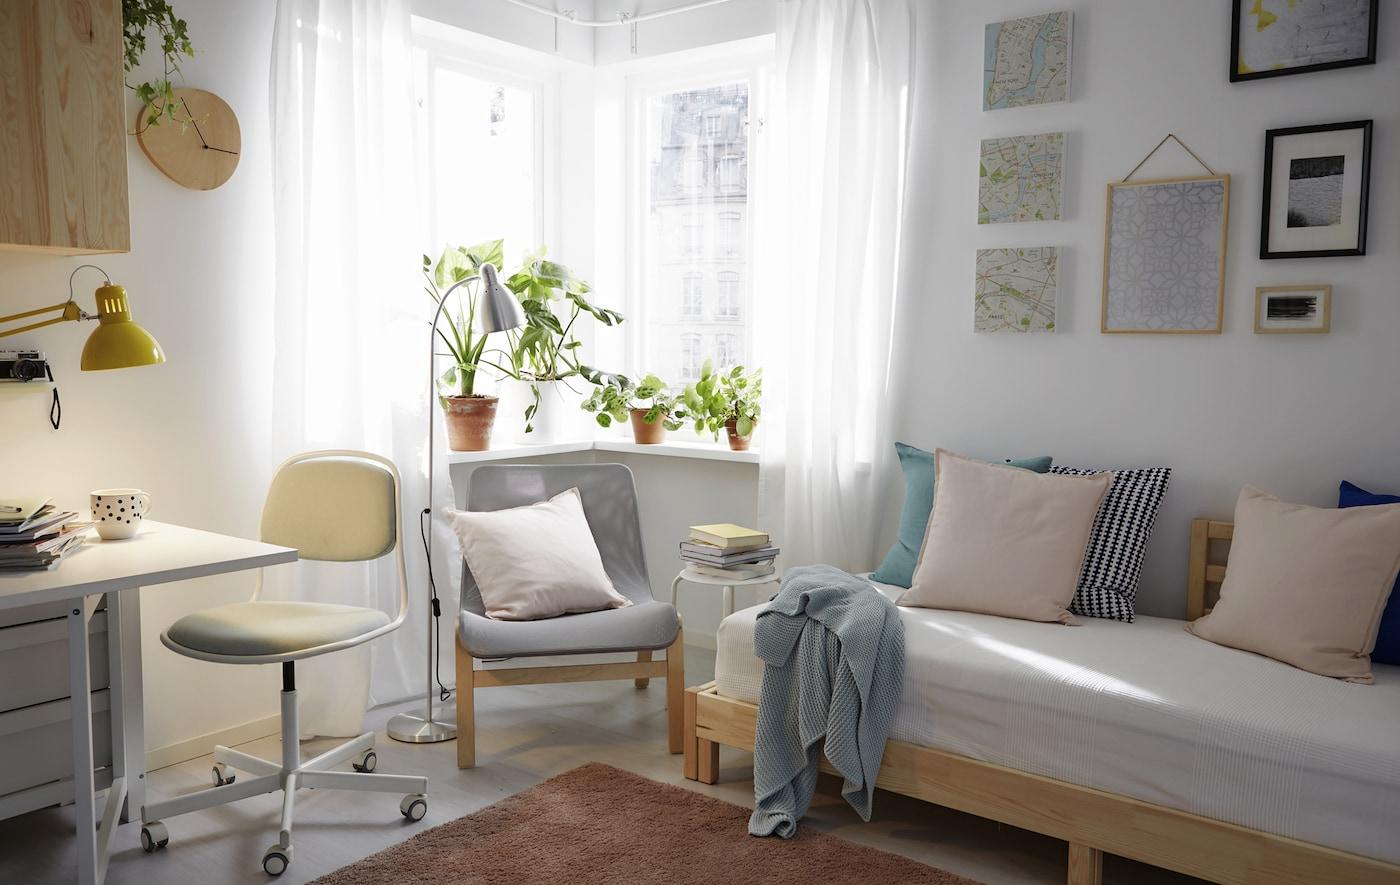 Platz Zimmer Für Ikea Mehr Kleines Einrichten W2ID9YeHE